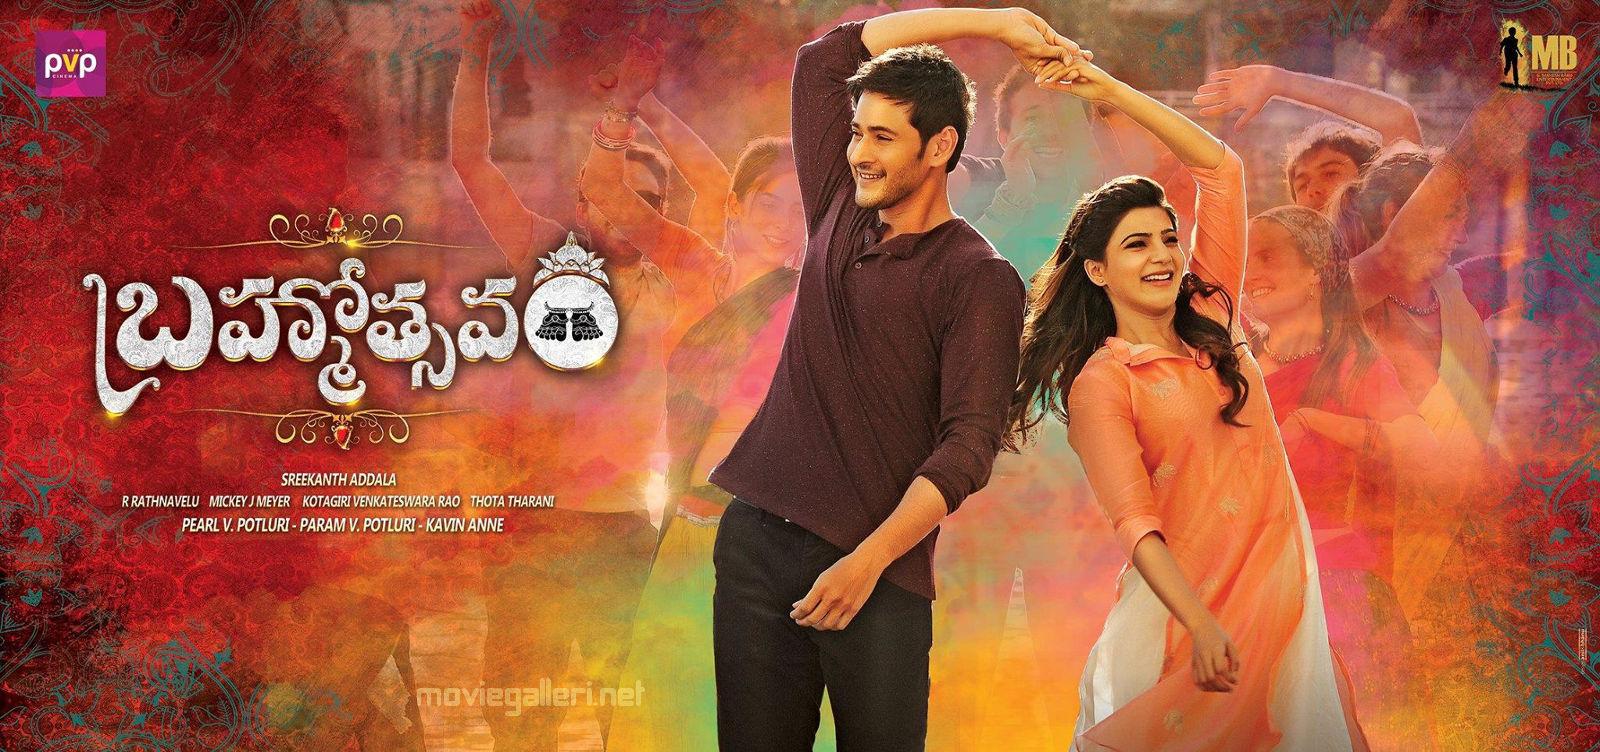 Mahesh Babu Samantha in Brahmotsavam Movie New Wallpaper